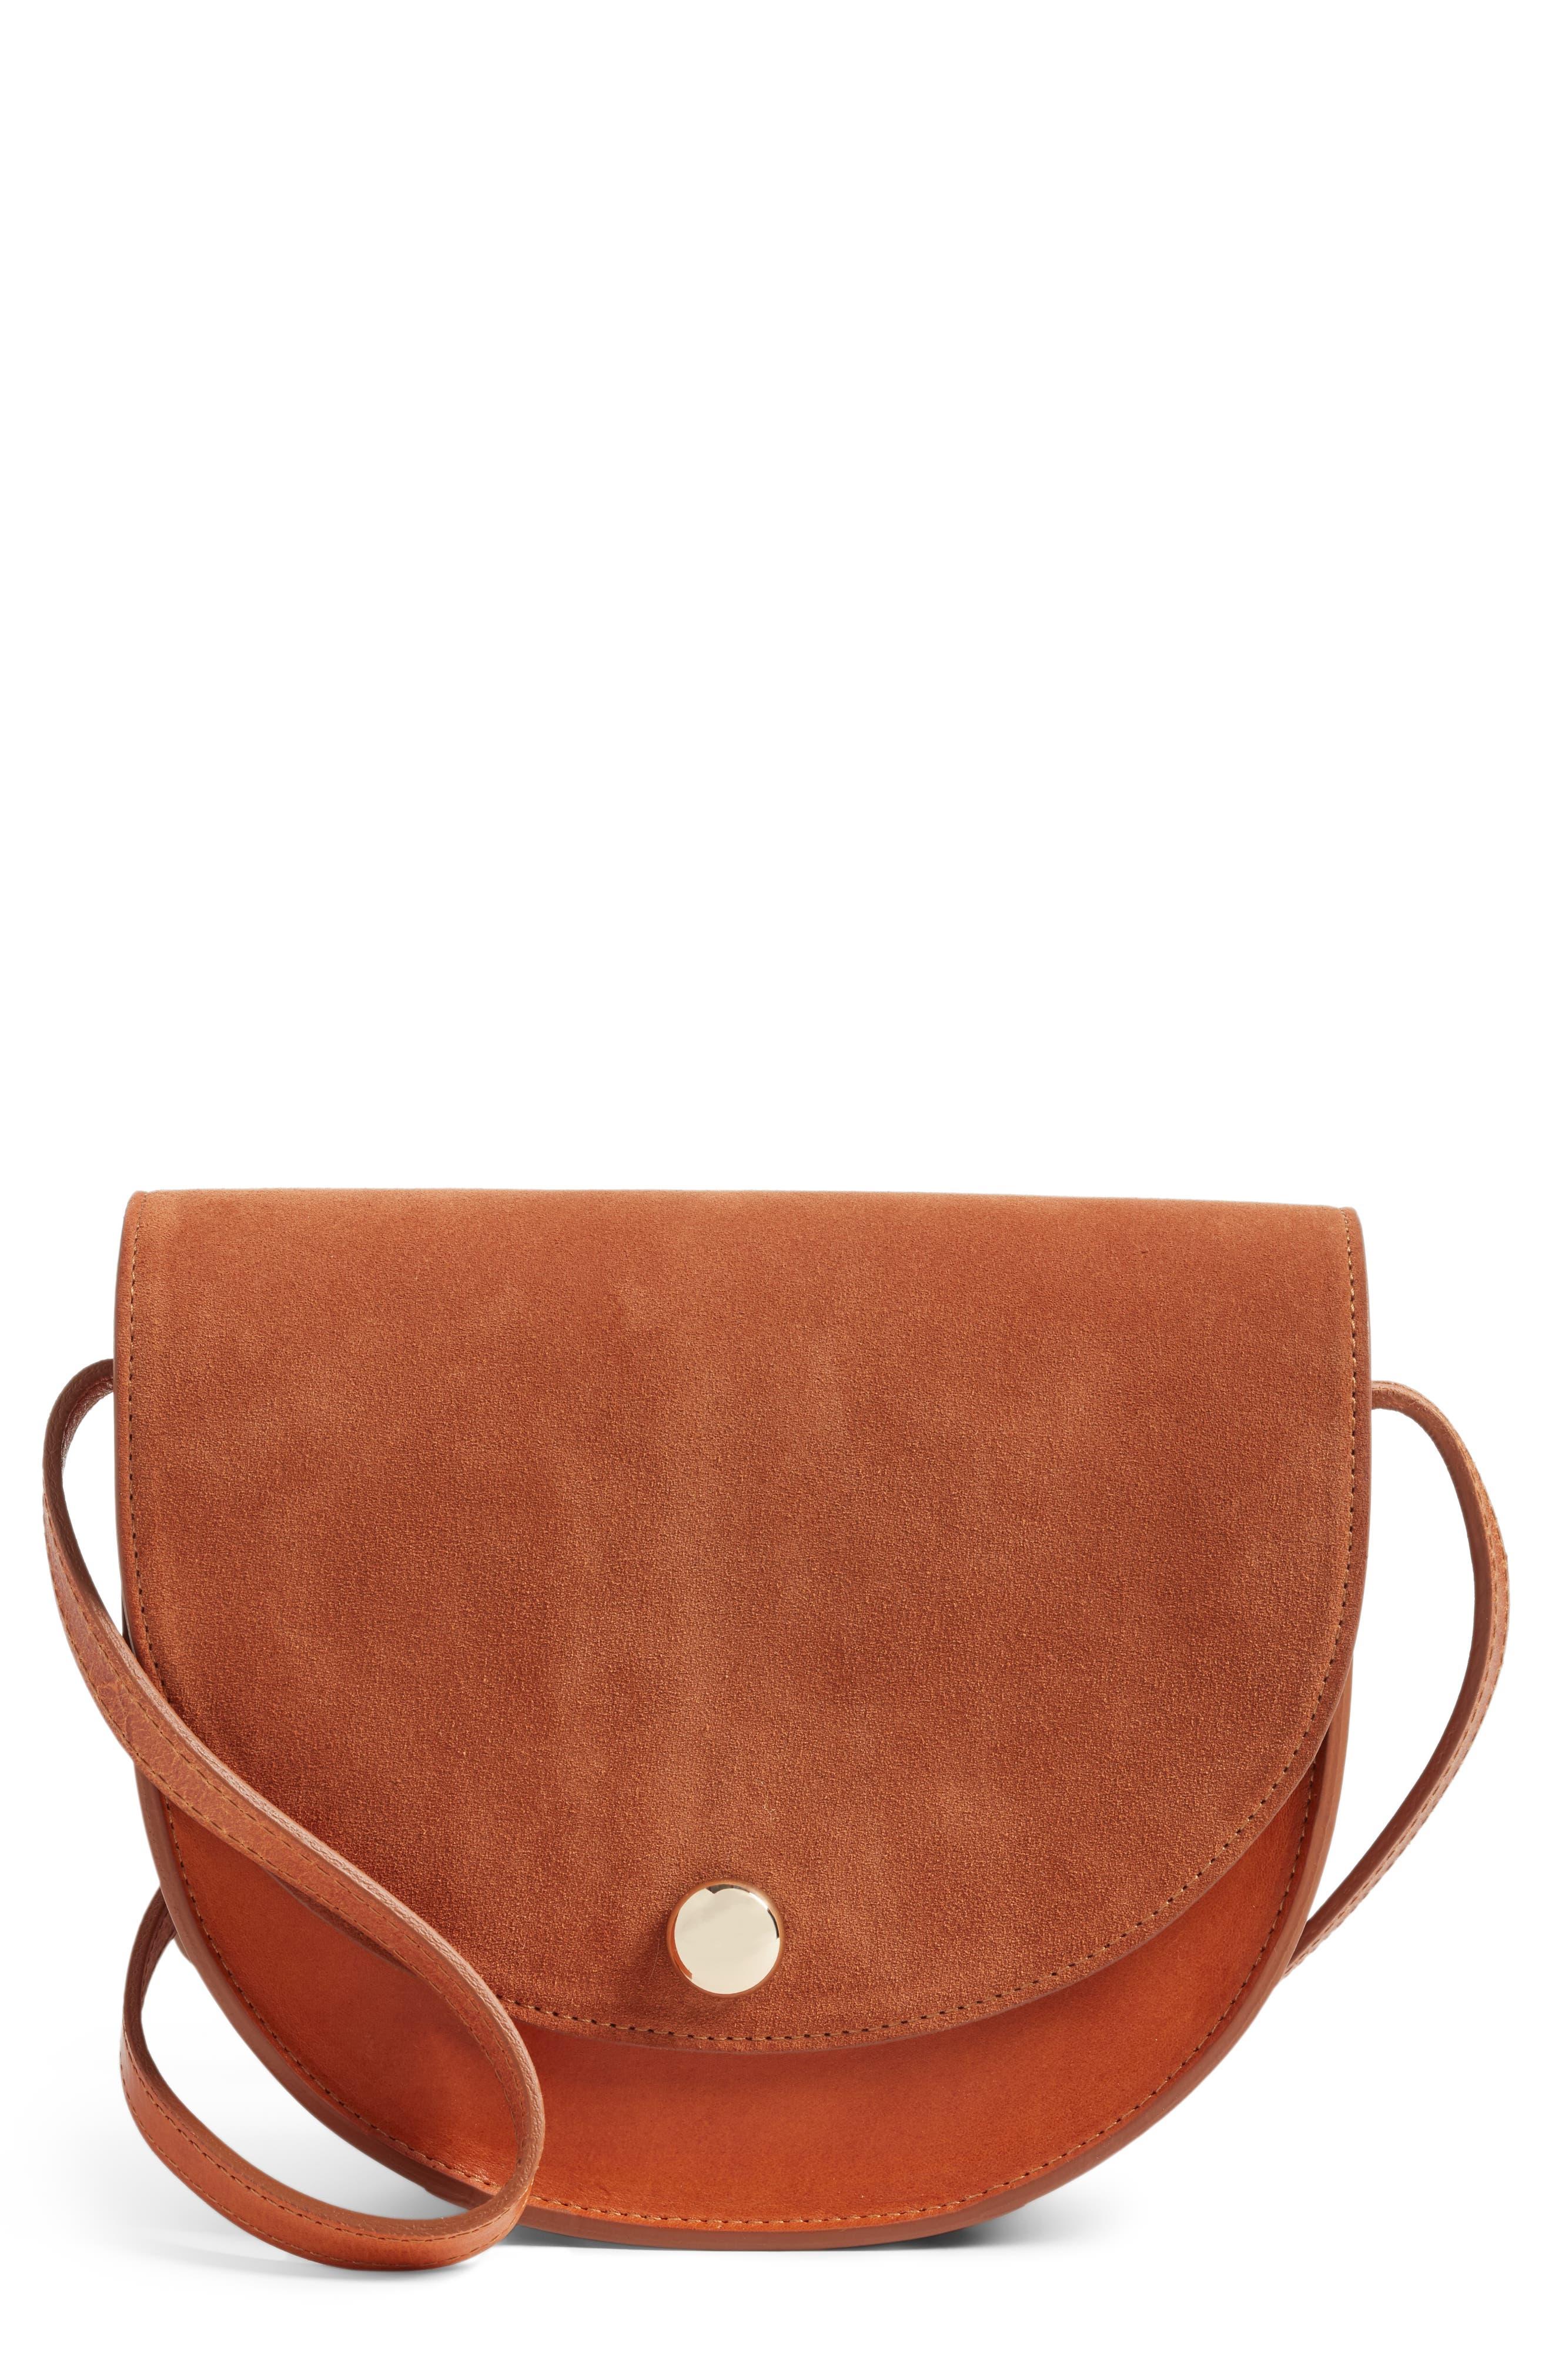 Sézane Ernest Crossbody Bag